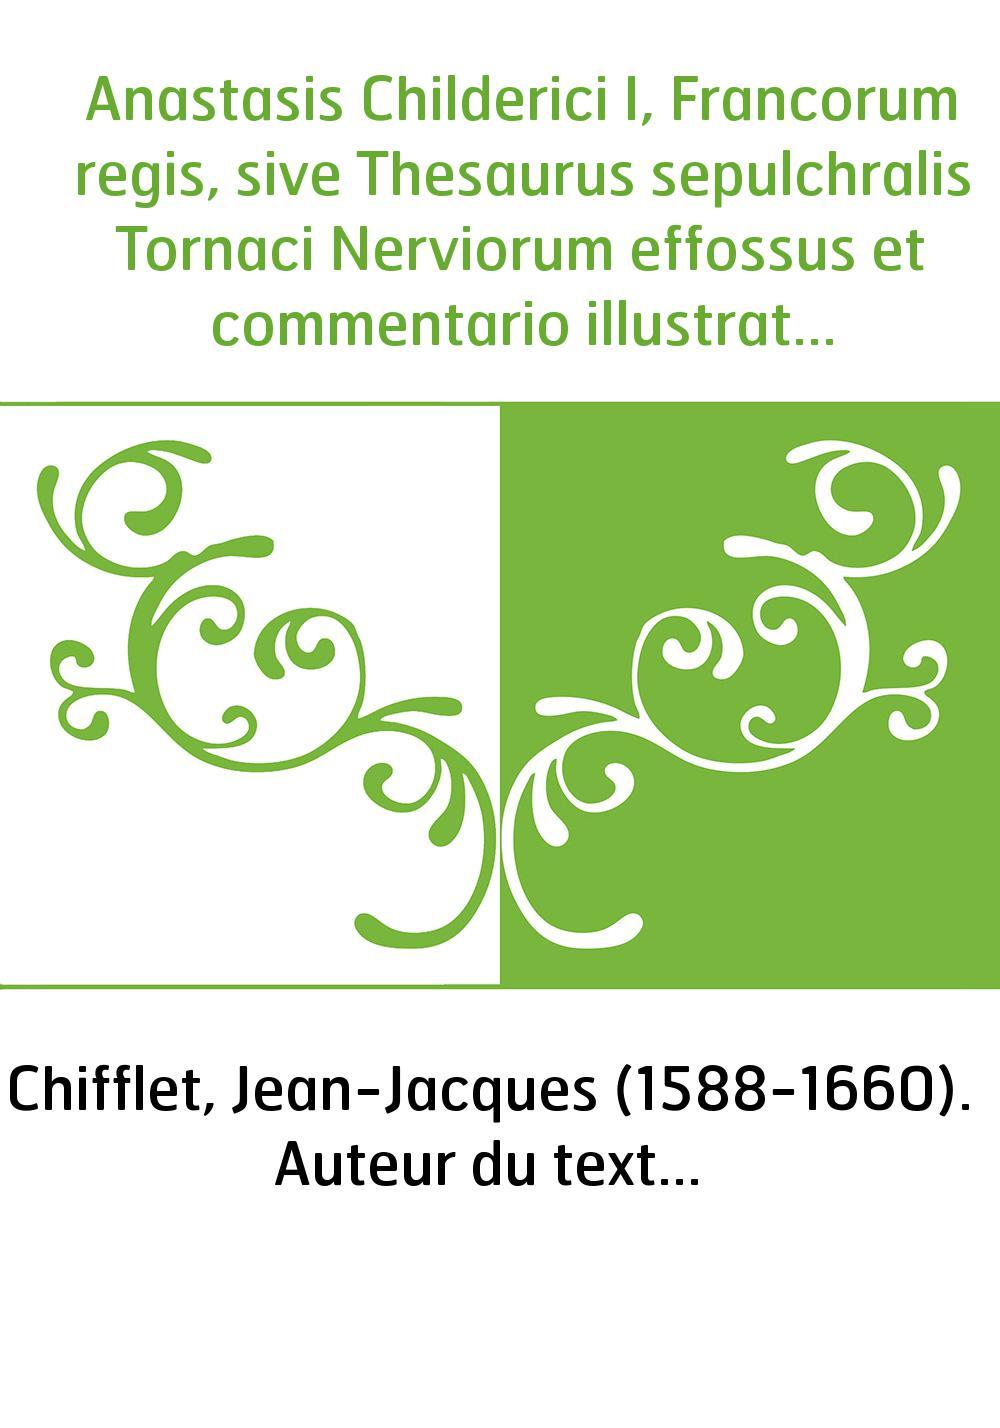 Anastasis Childerici I, Francorum regis, sive Thesaurus sepulchralis Tornaci Nerviorum effossus et commentario illustratus , auc